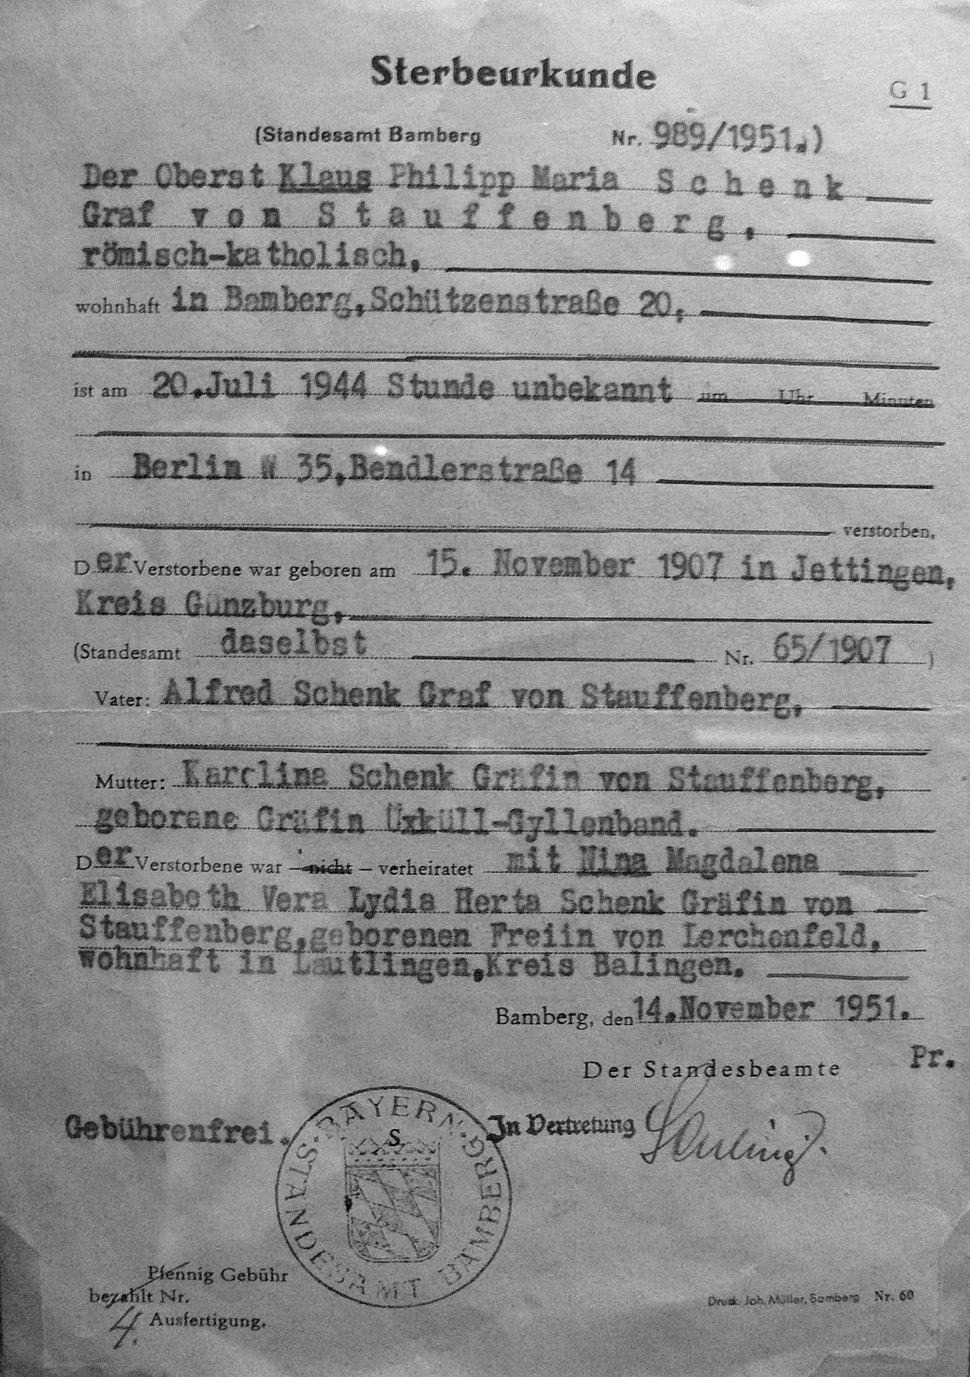 Claus Schenk Graf von Stauffenberg Sterbeurkunde 1944